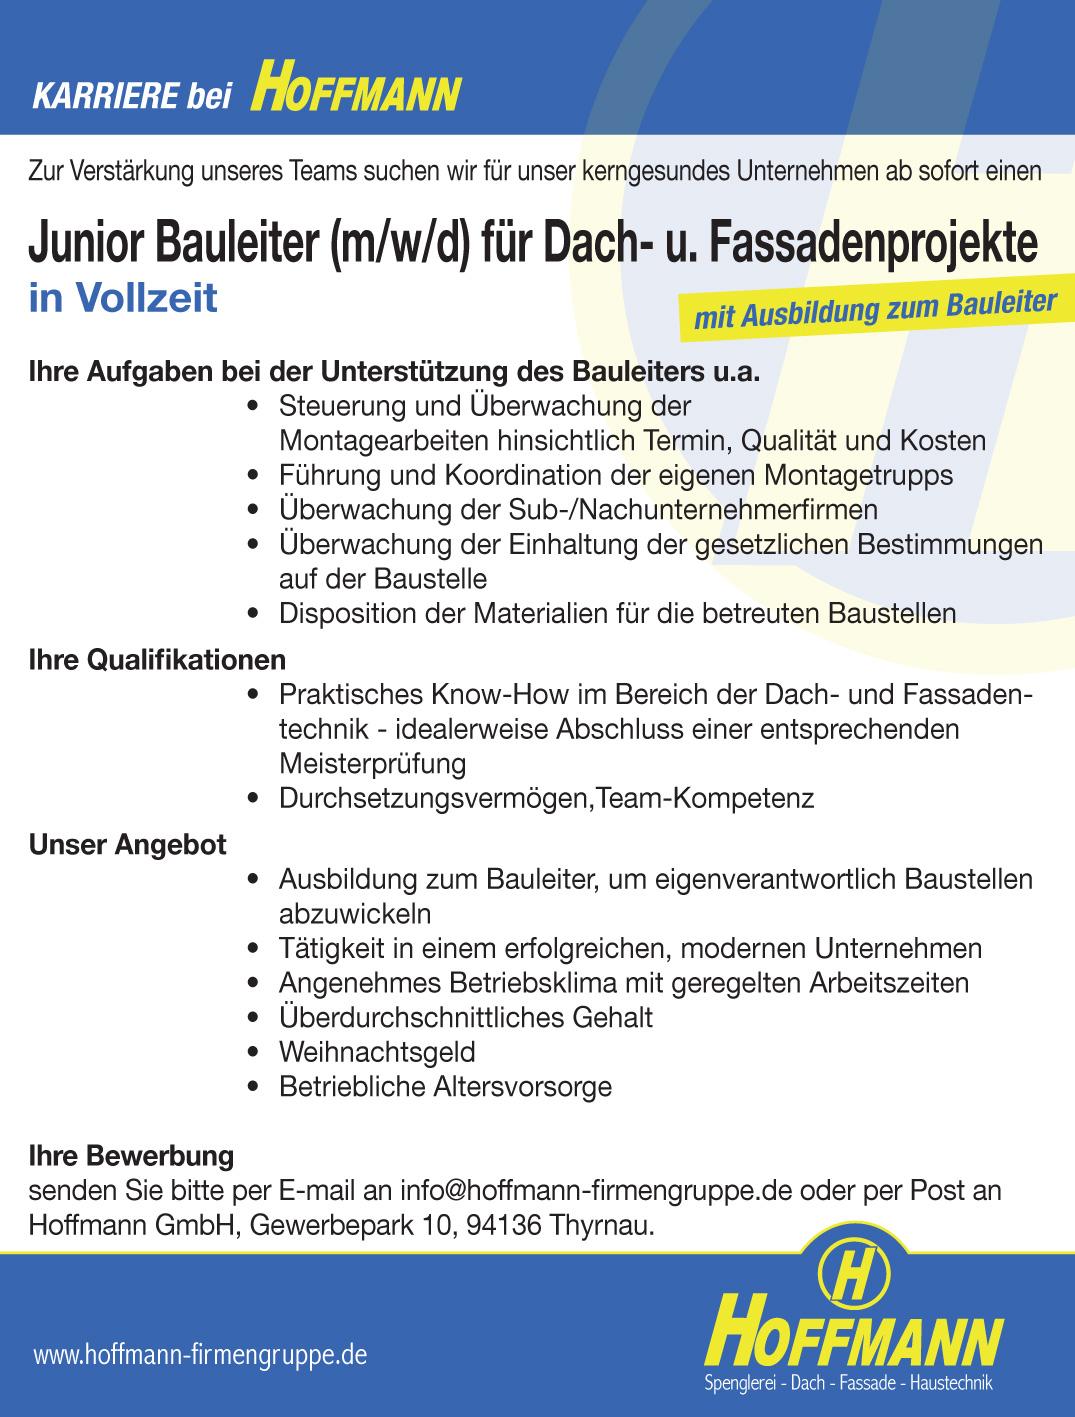 Job Stellenanzeige Hoffmann Junior Bauleiter (m/w/d) für Dach- u. Fassadenprojekte